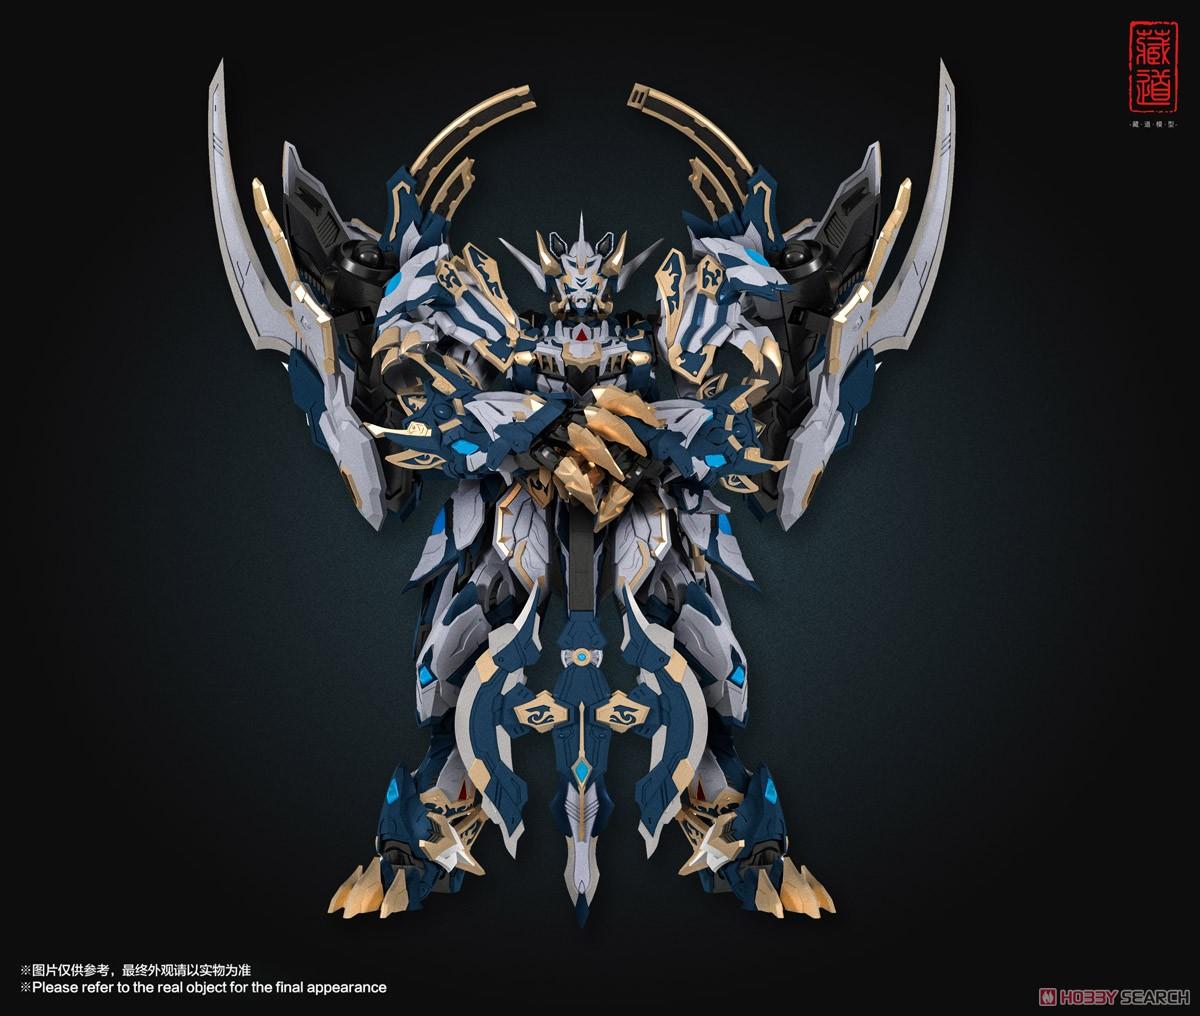 『CD-02 四聖獣 白虎』合金可動フィギュア-001